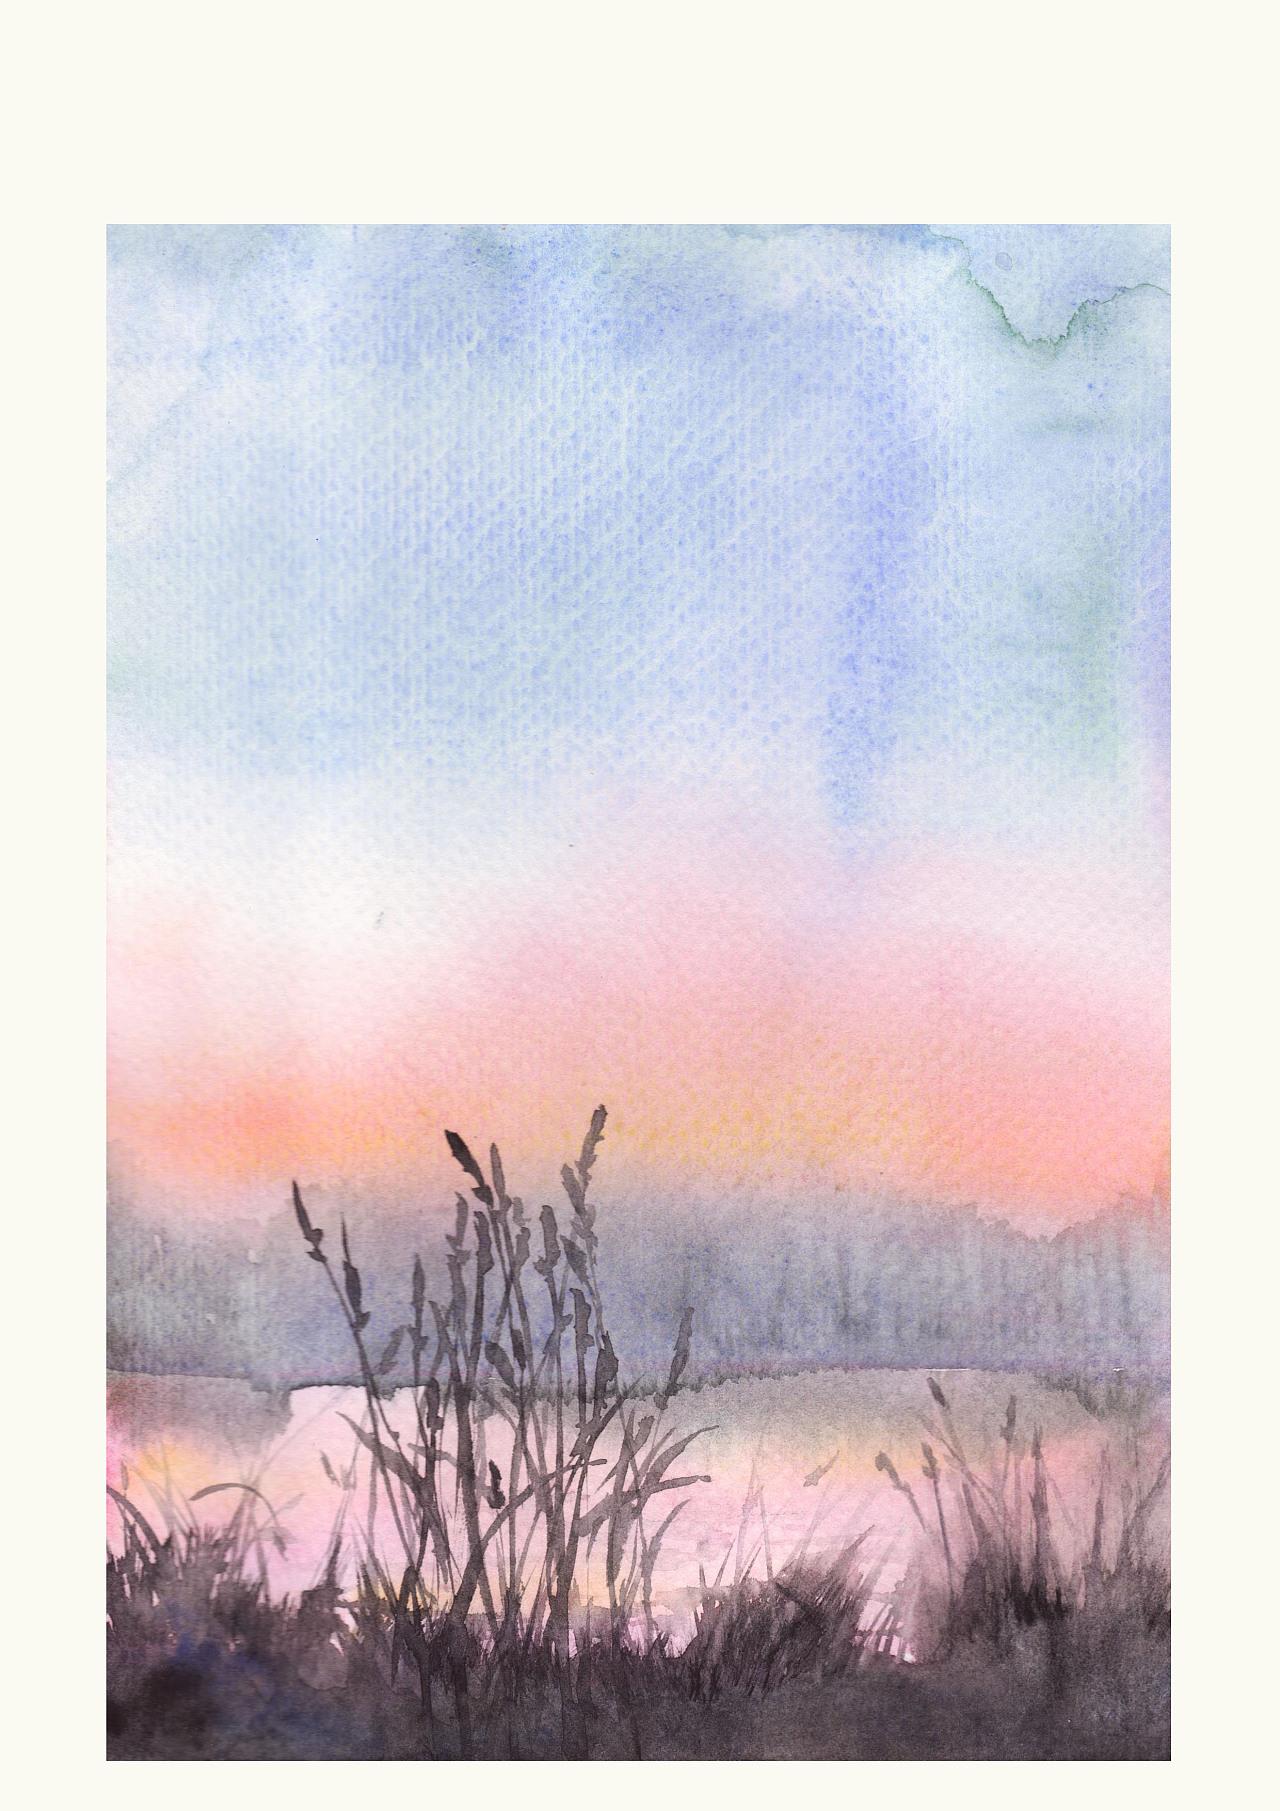 颜料是歌文 白夜混合用的,水彩纸都是便宜的保定纸.